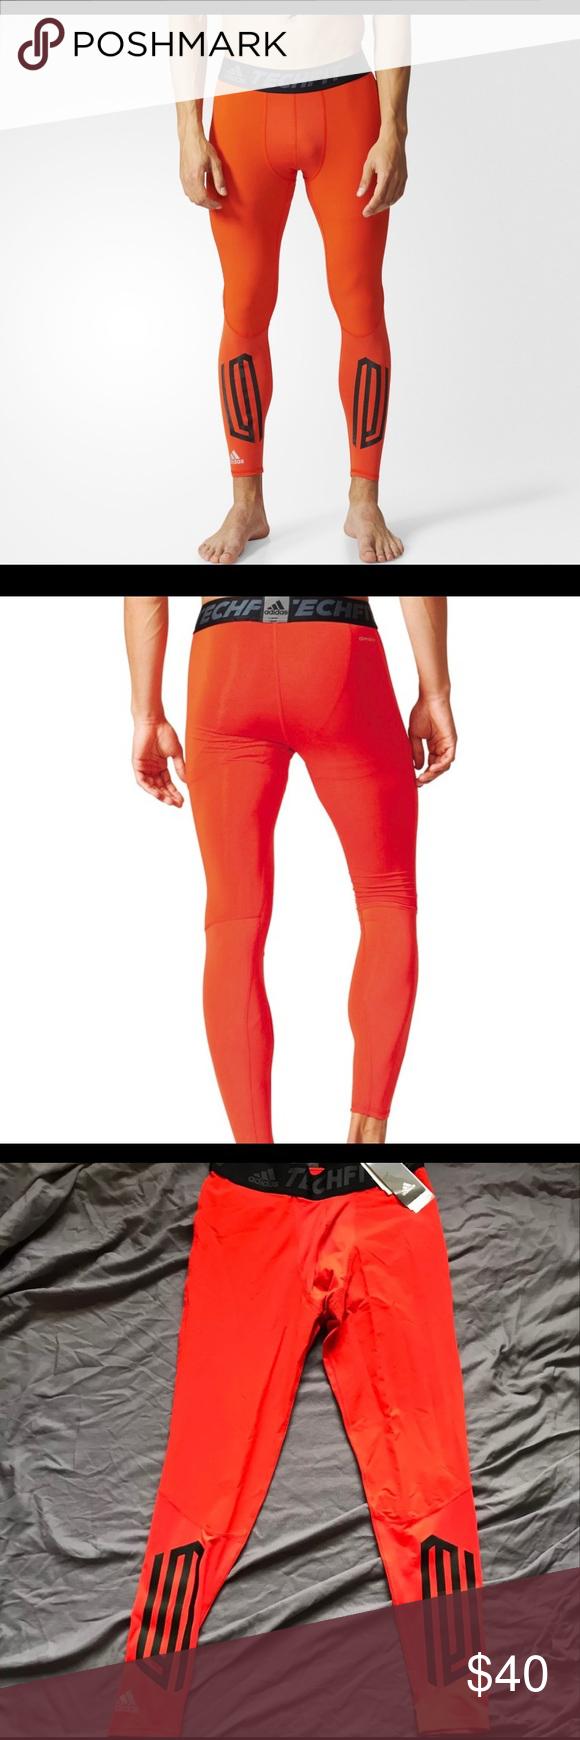 Pants Techfit Closet Posh L Nwt Adidas Men's My EgxAq5wUS